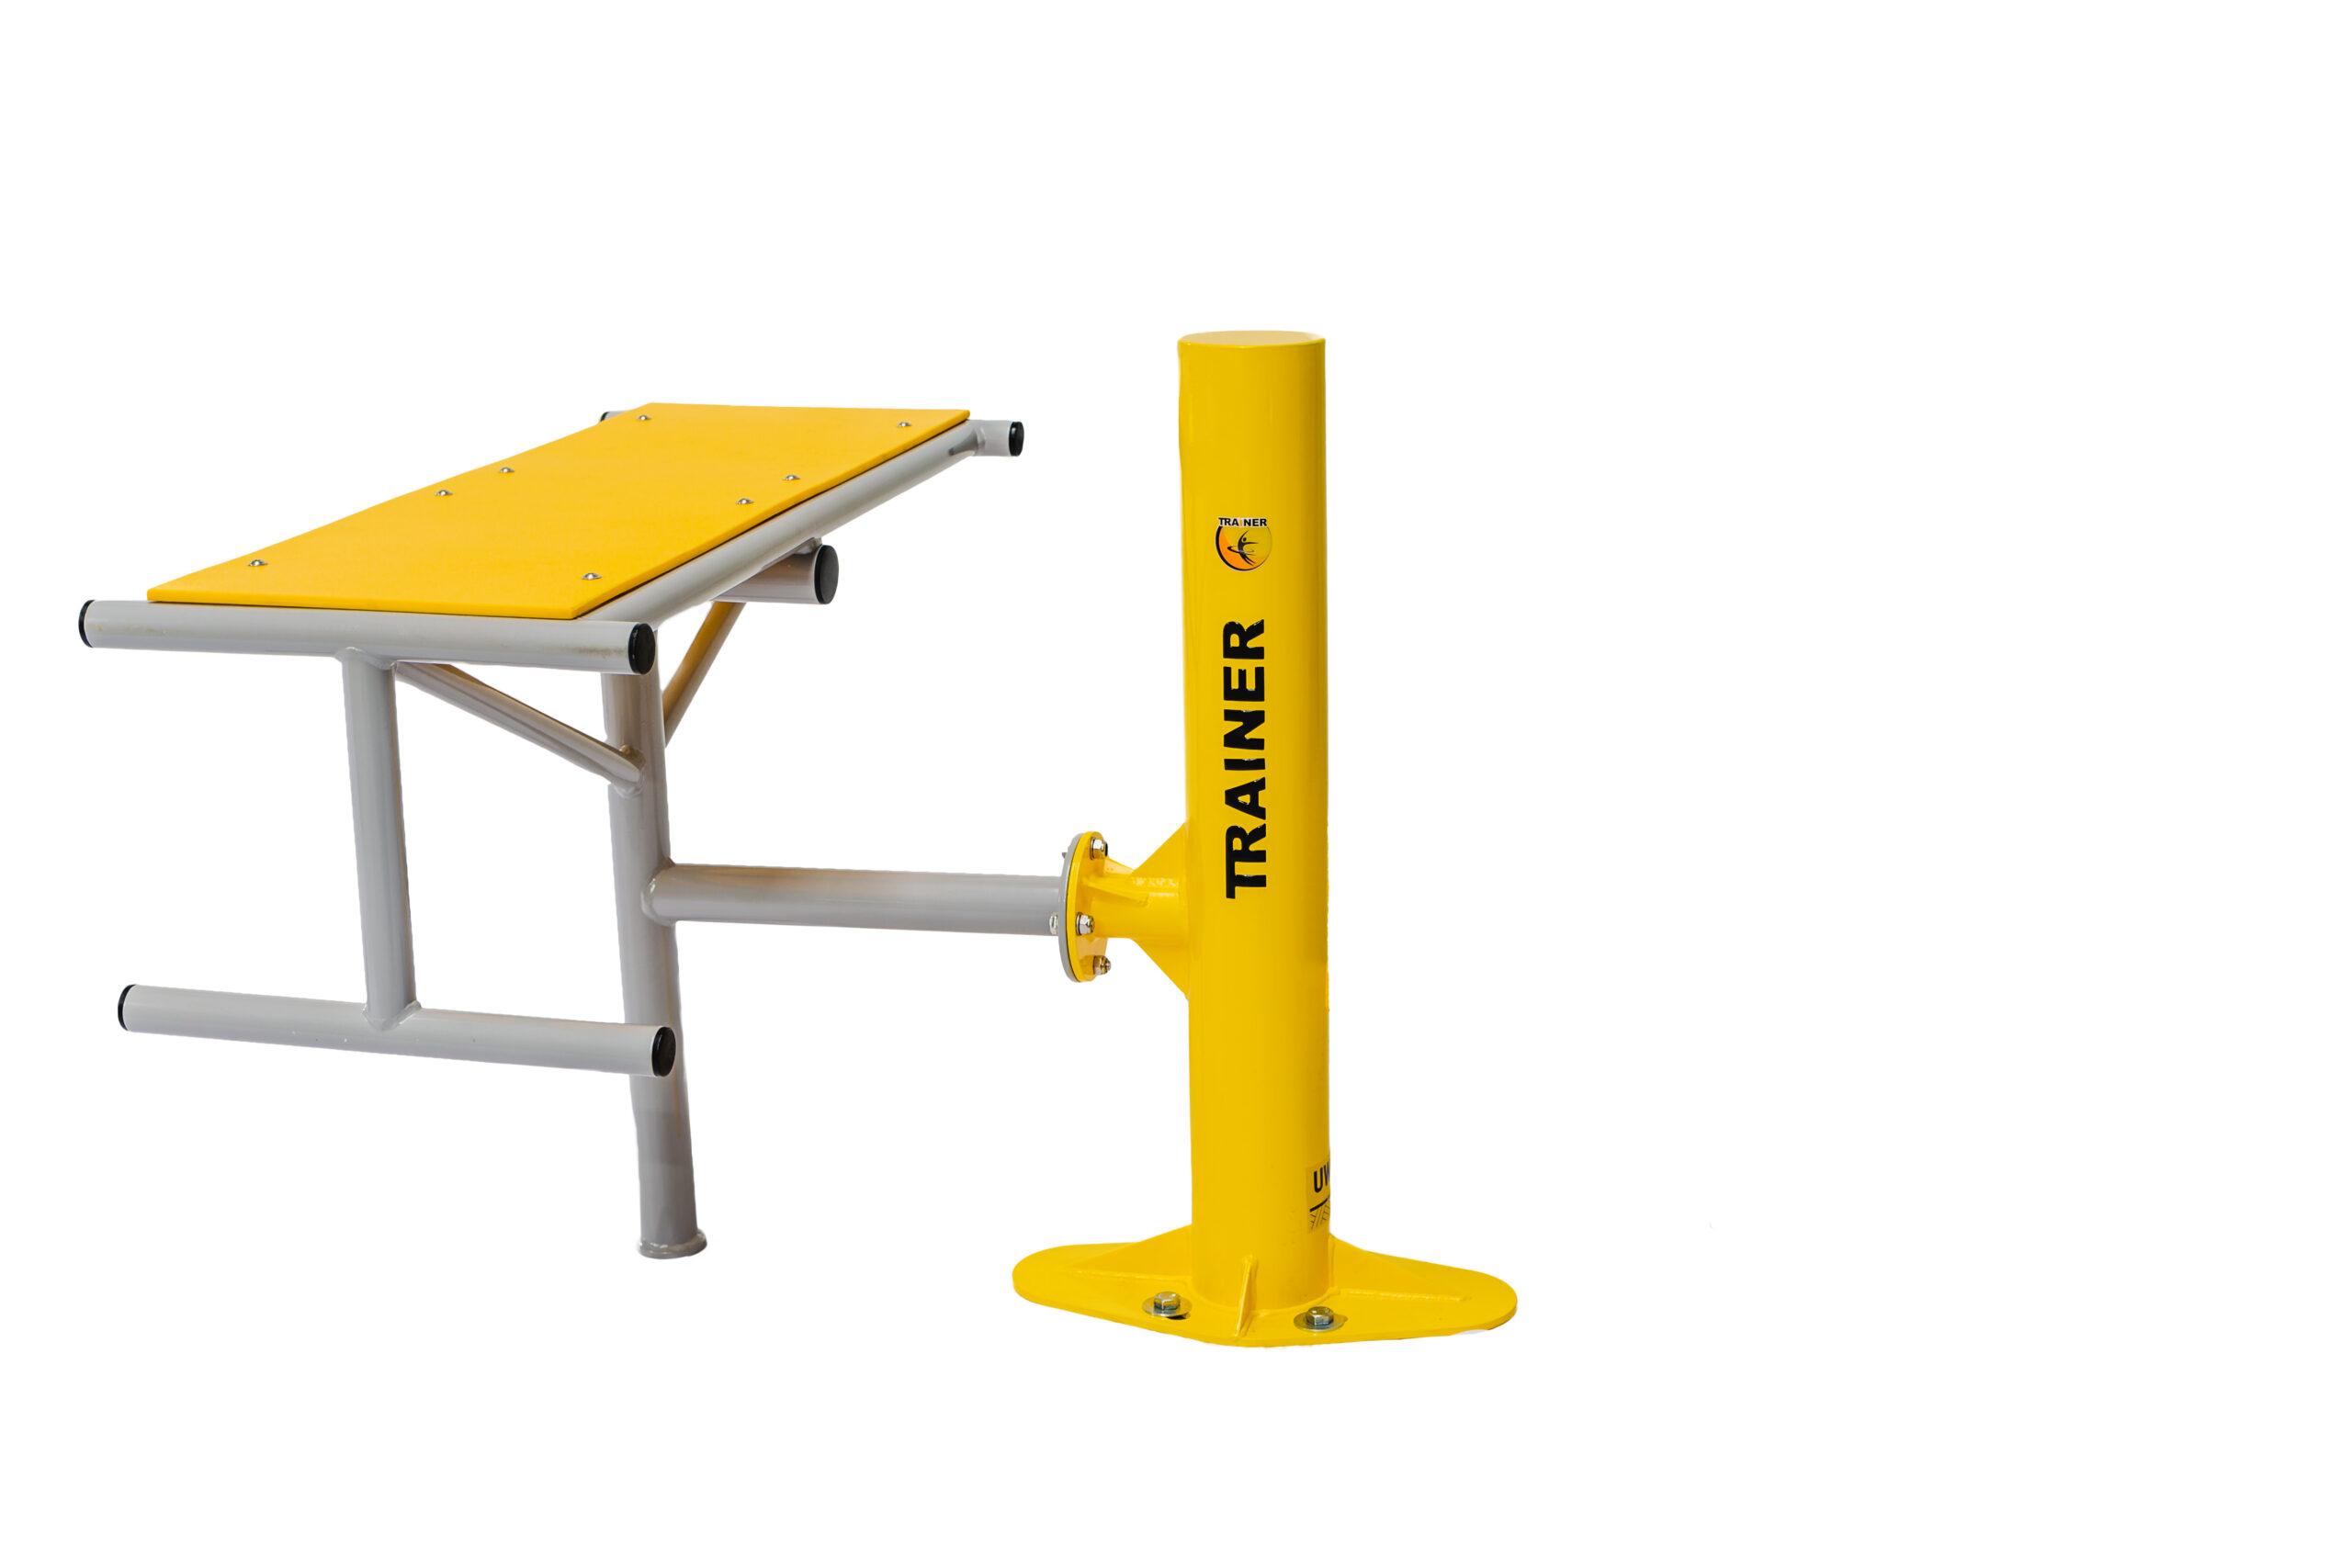 Bench Outdoor Fitness Equipment